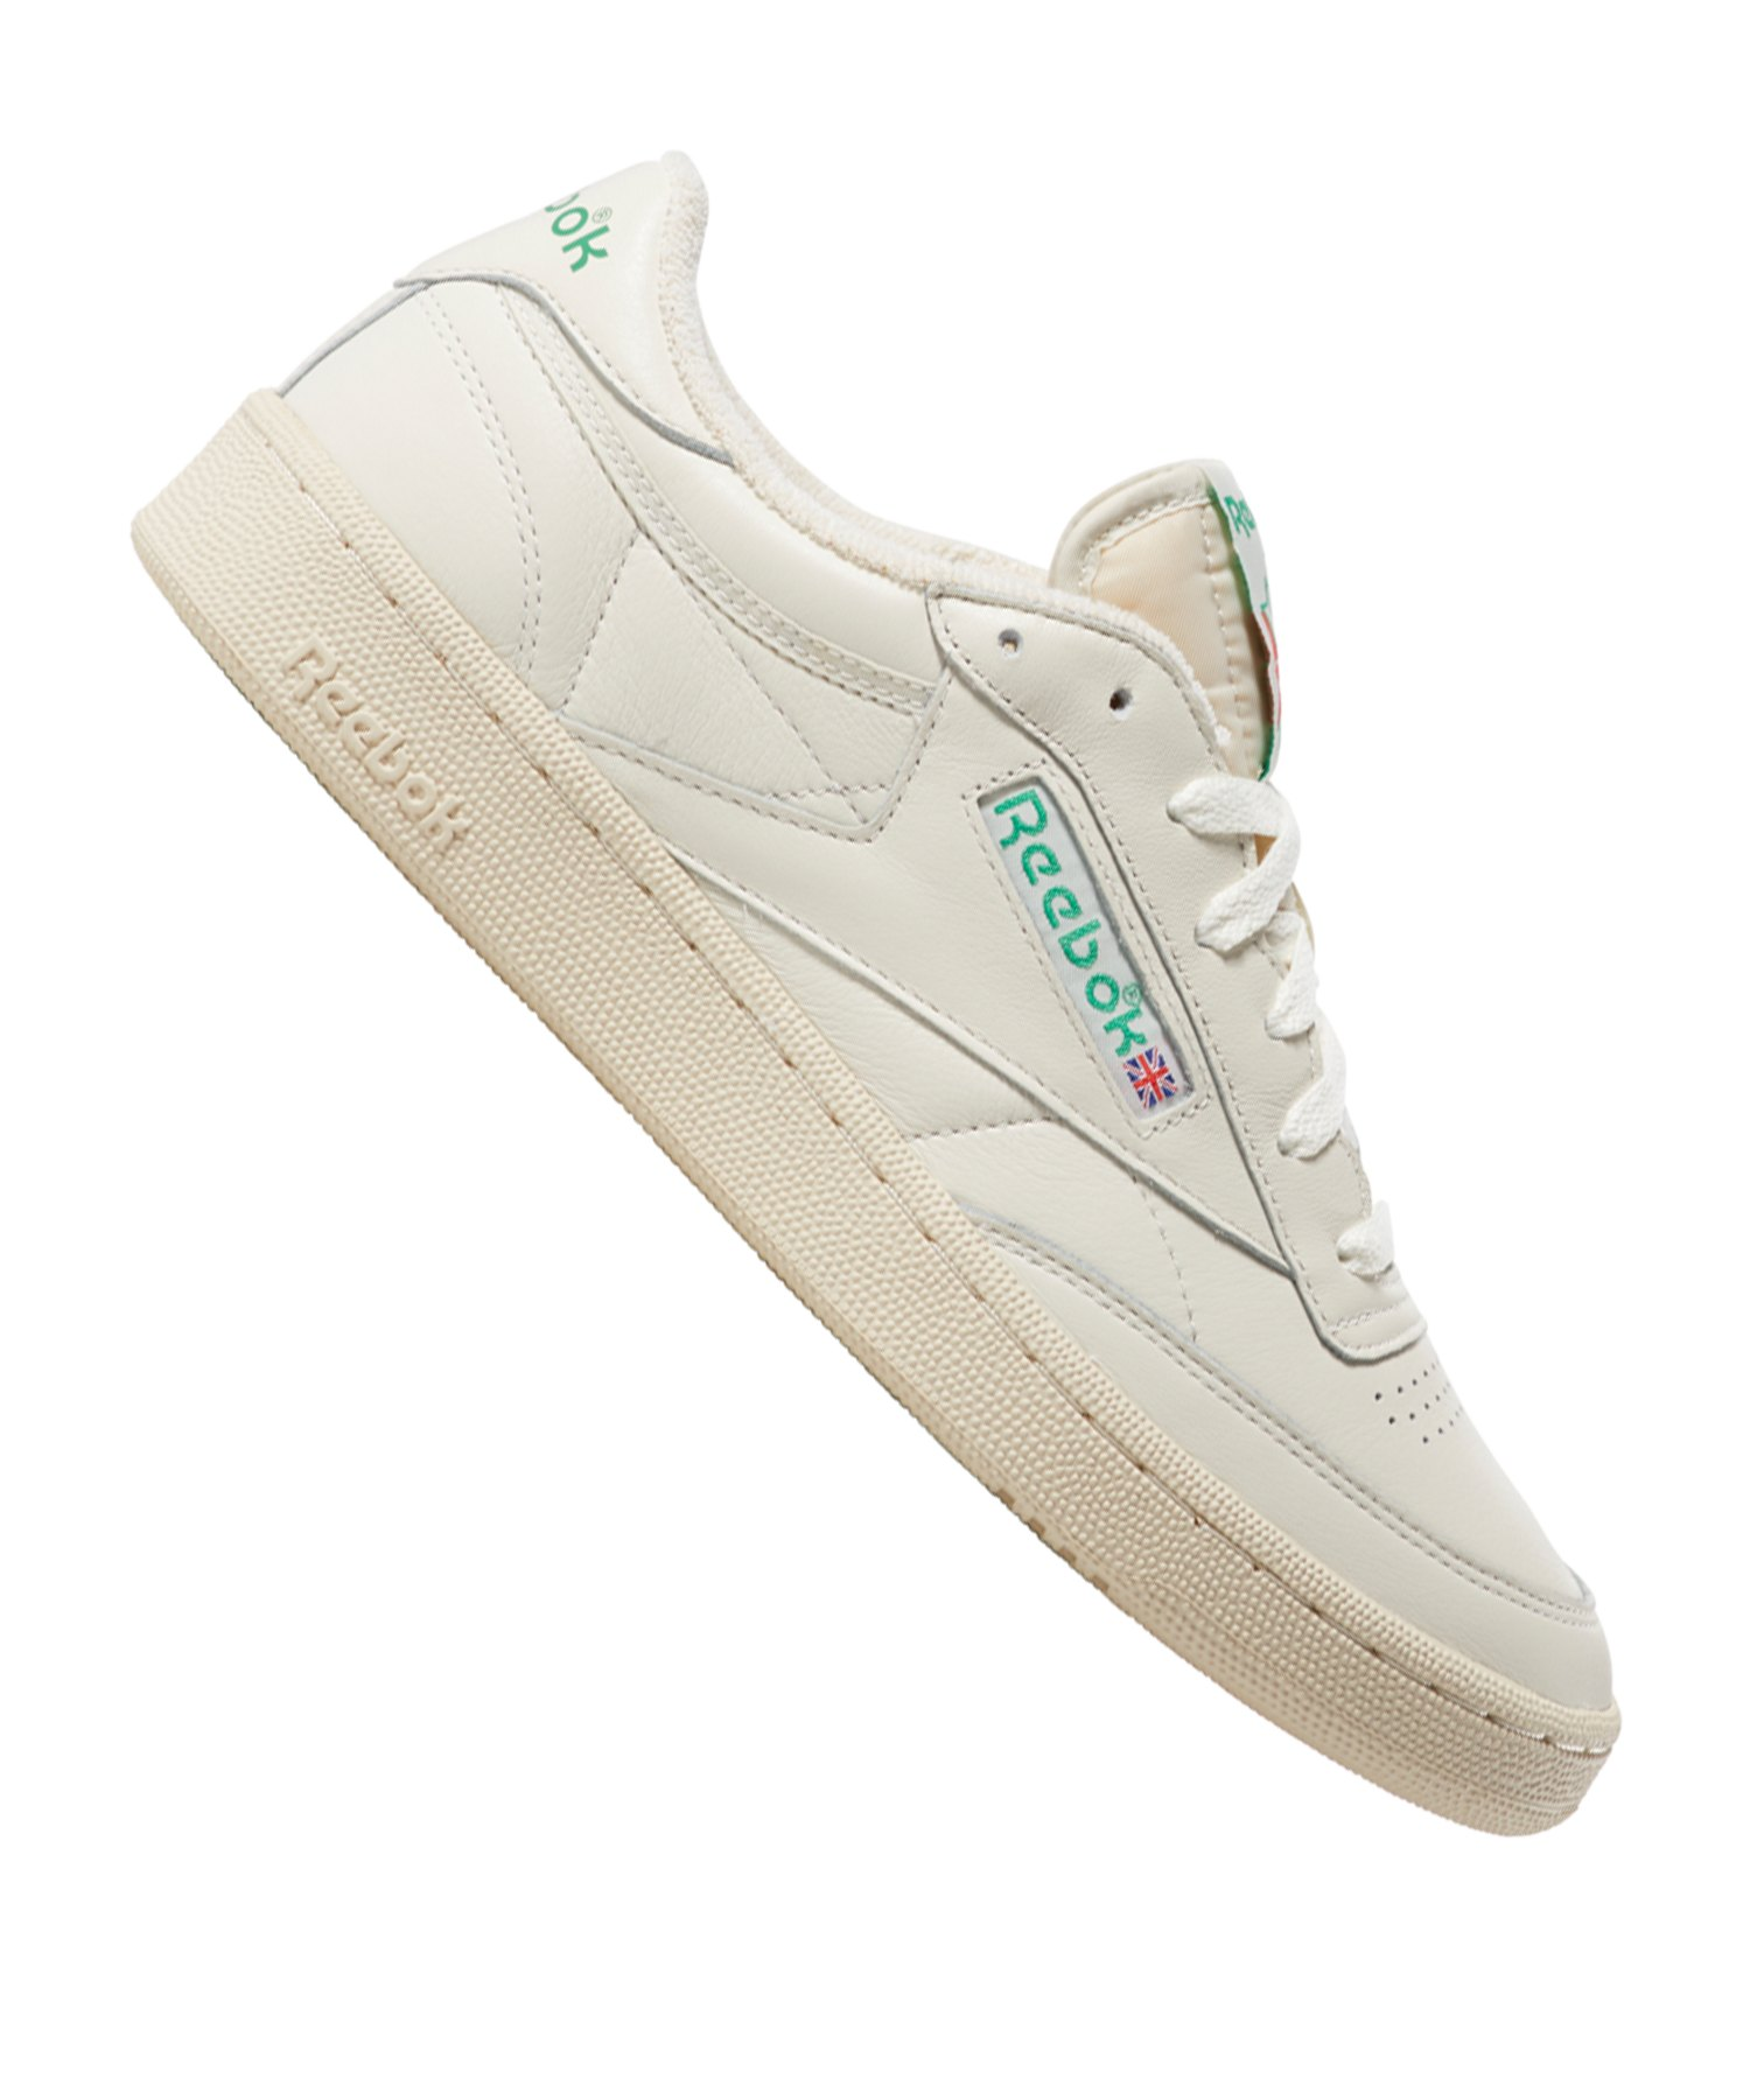 Reebok Club C 1985 TV Sneaker Grau Grün - grau